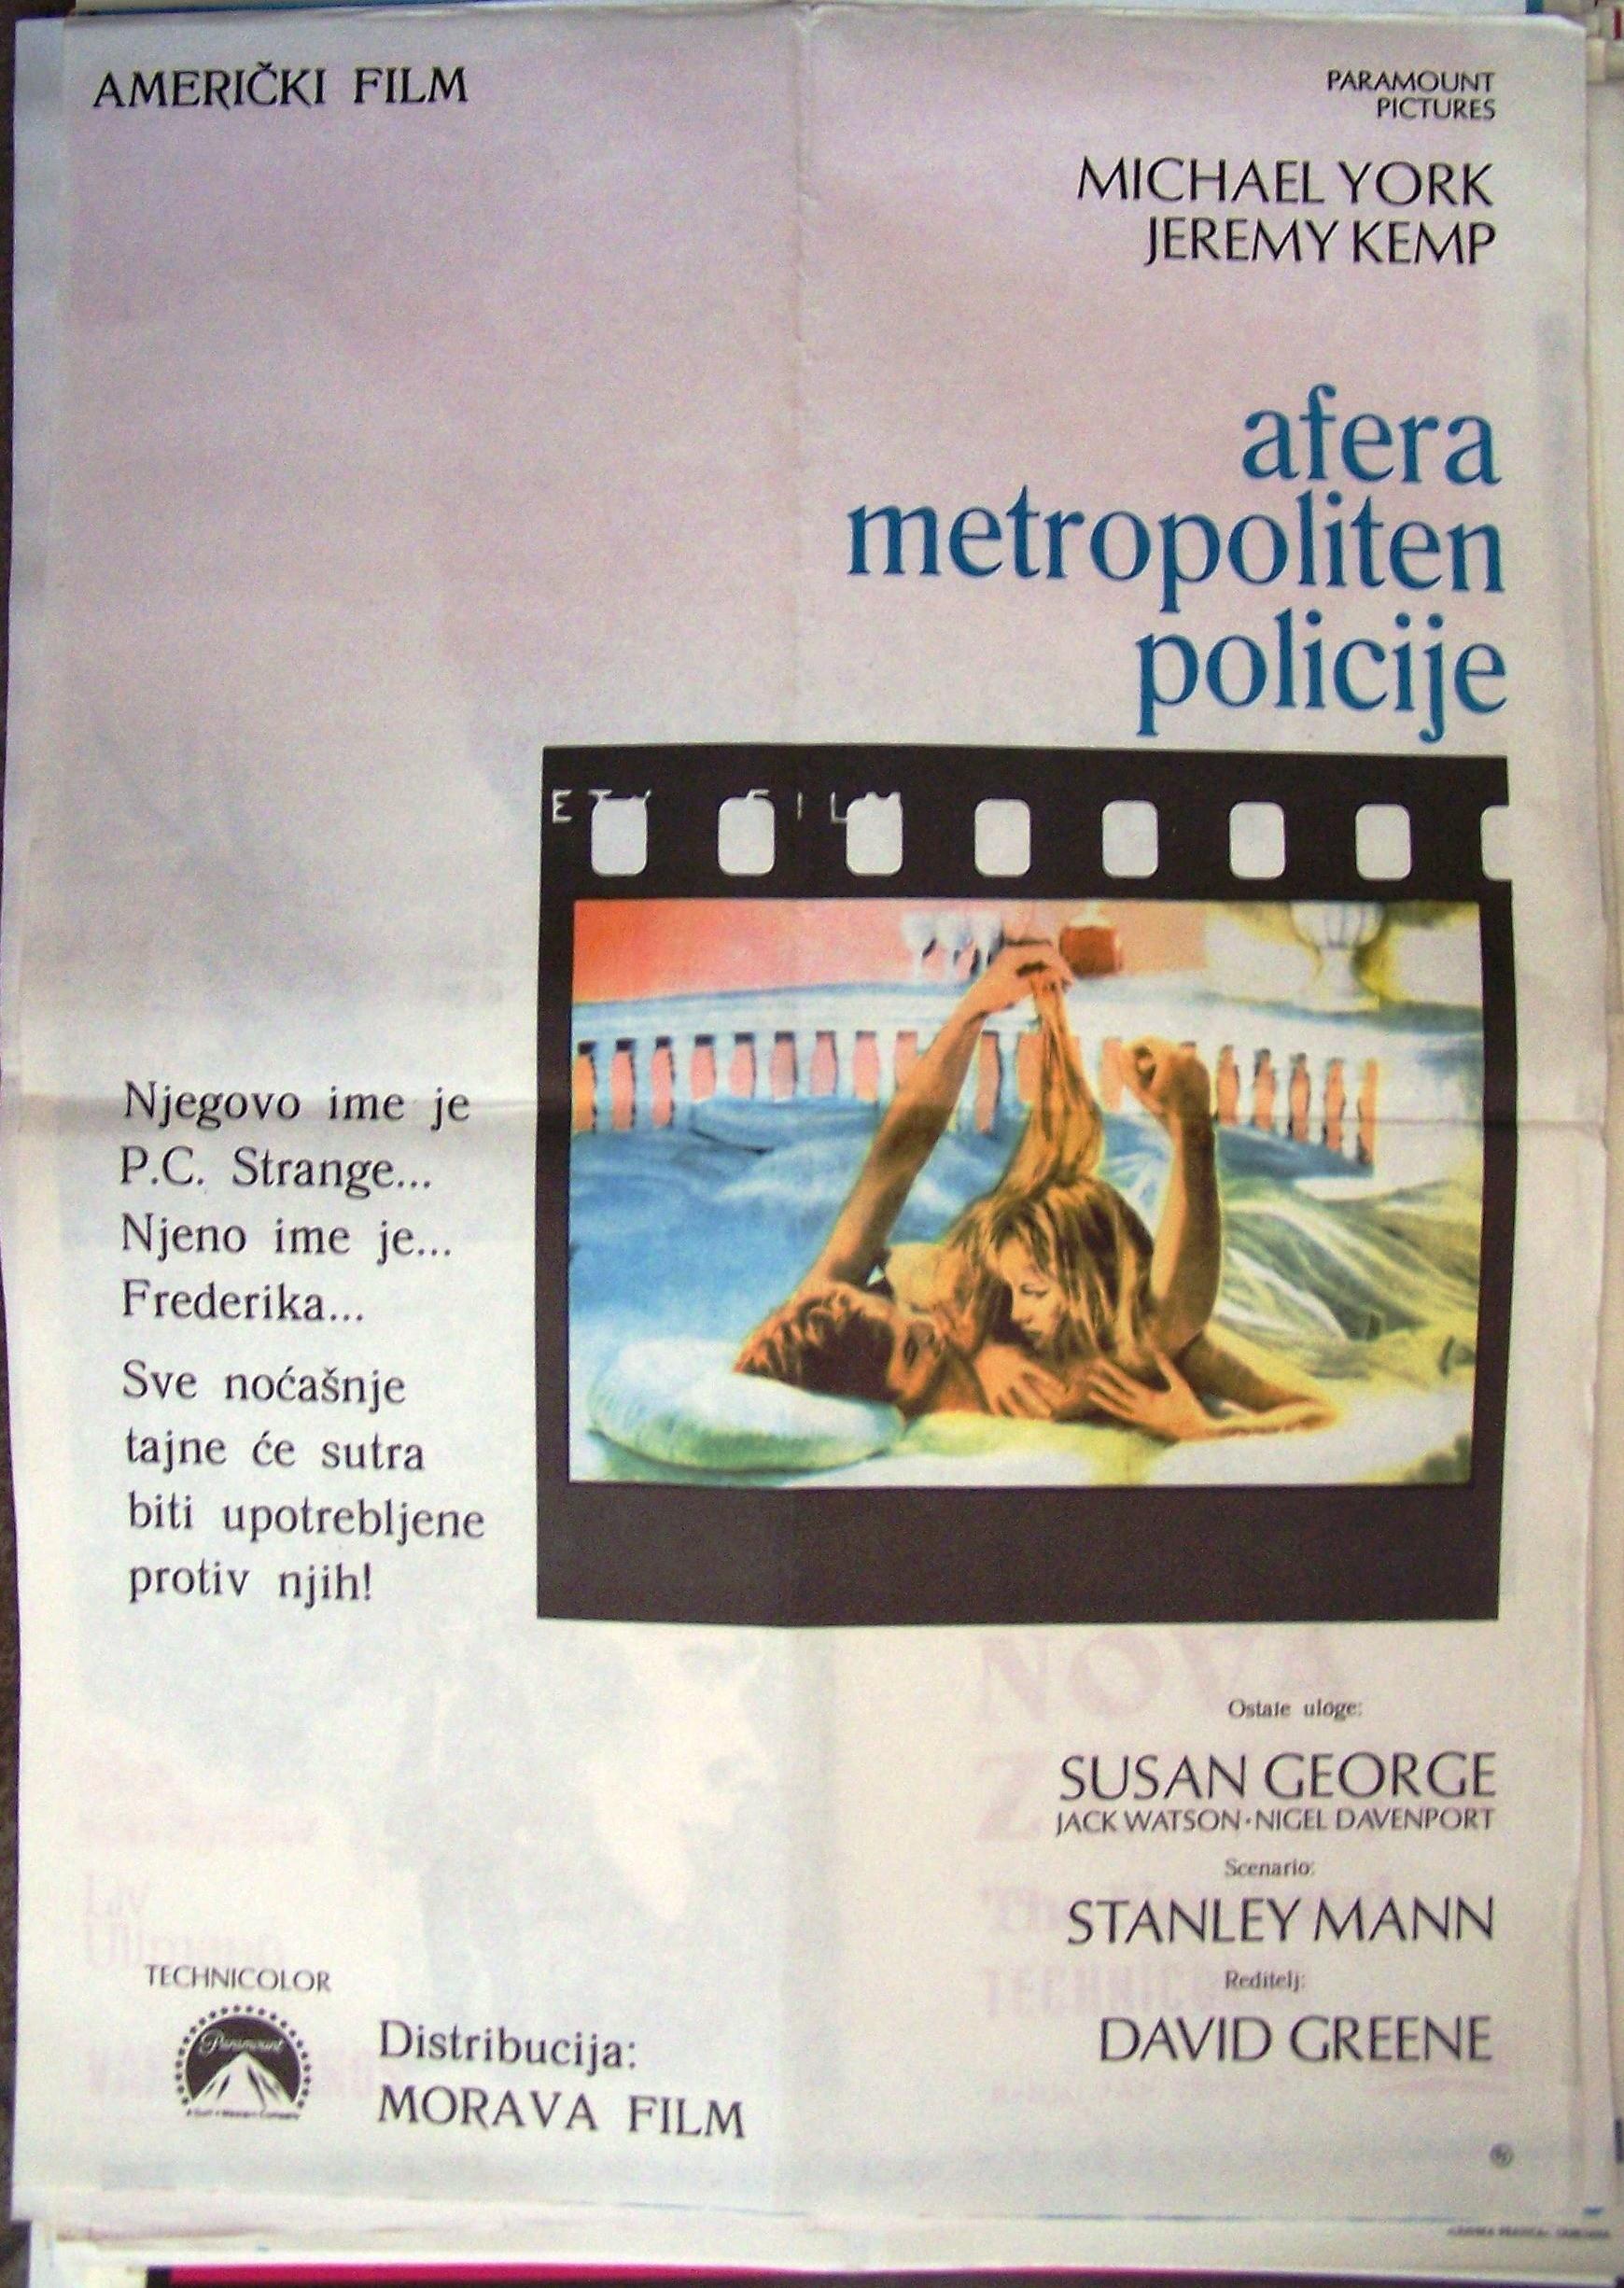 Afera Metropoliten Policije